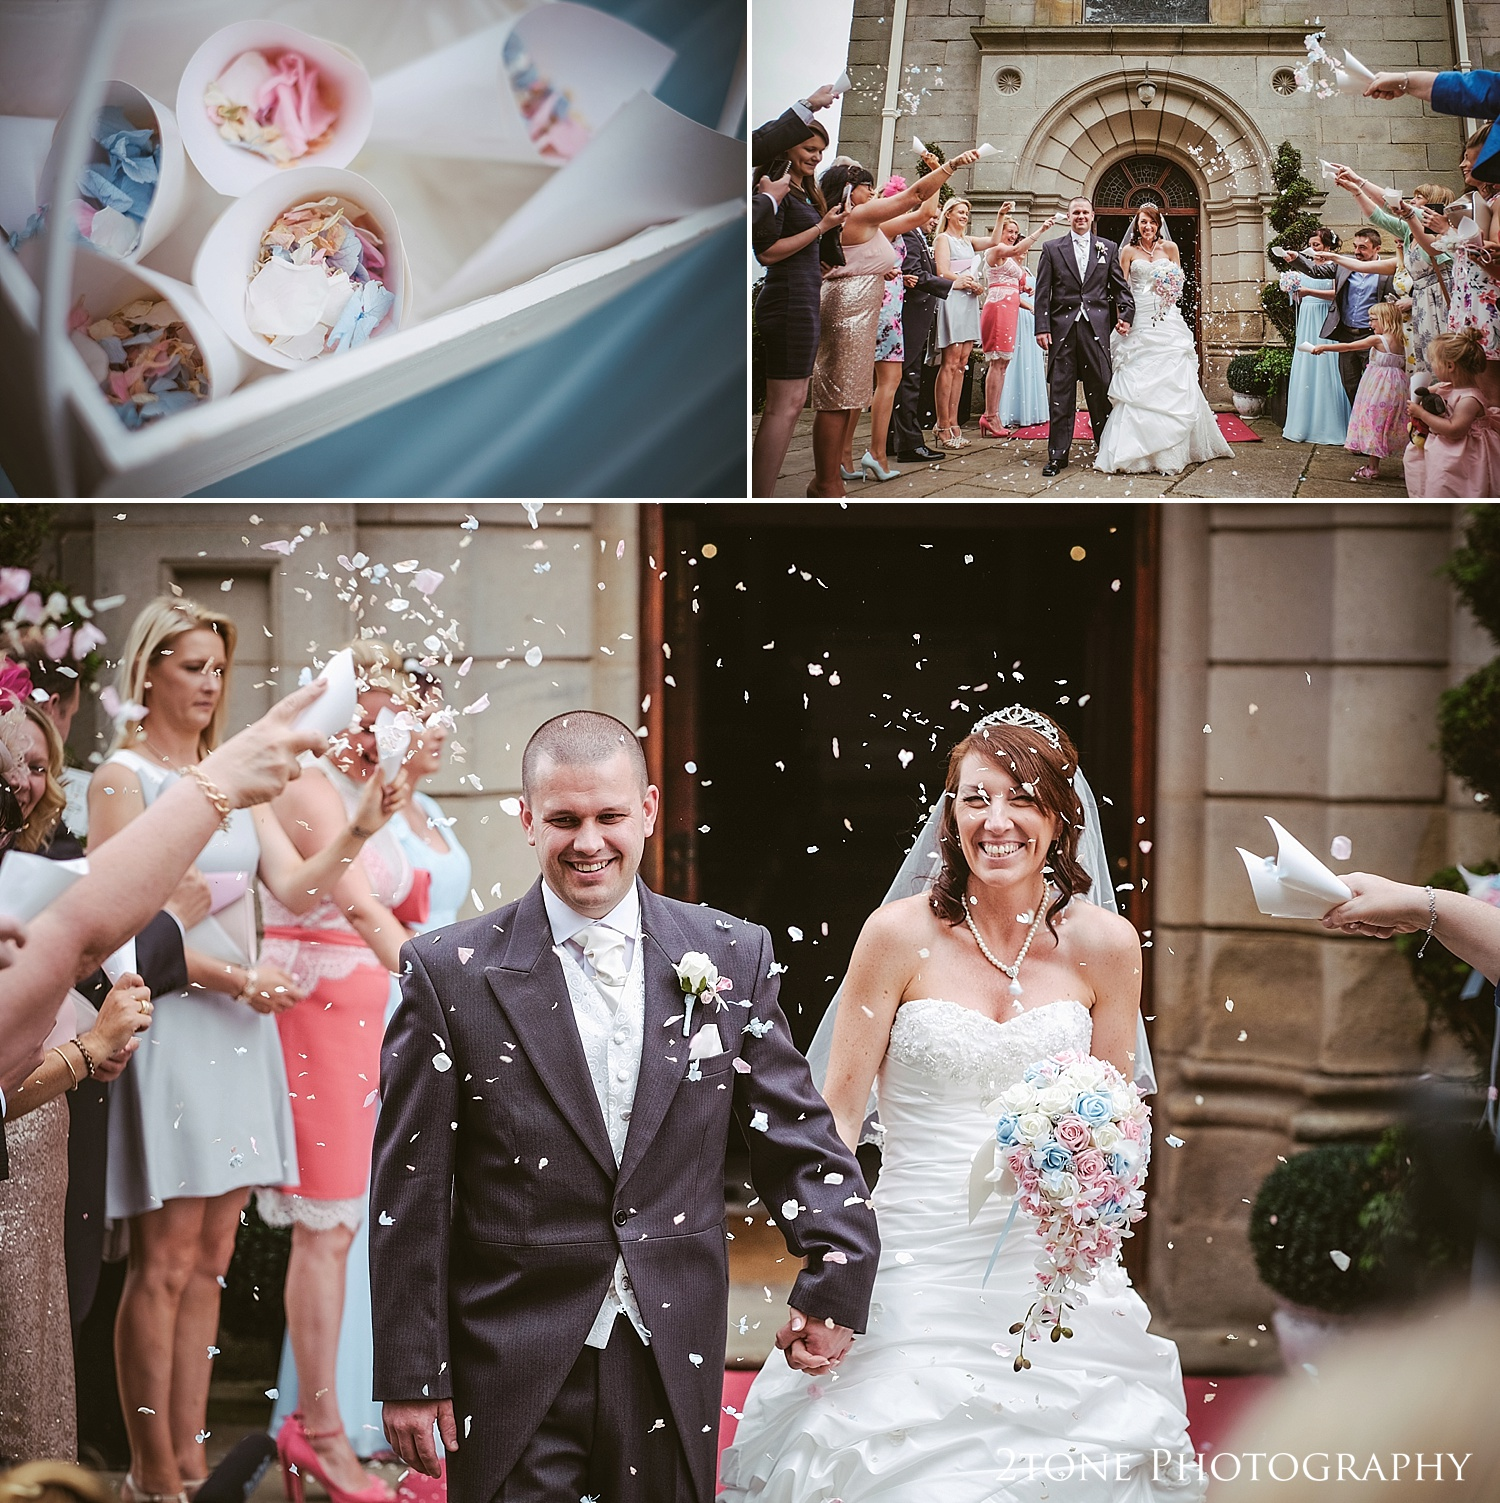 Wedding Photography at Wynyard Hall by 2tone Photography www.2tonephotography.co.uk